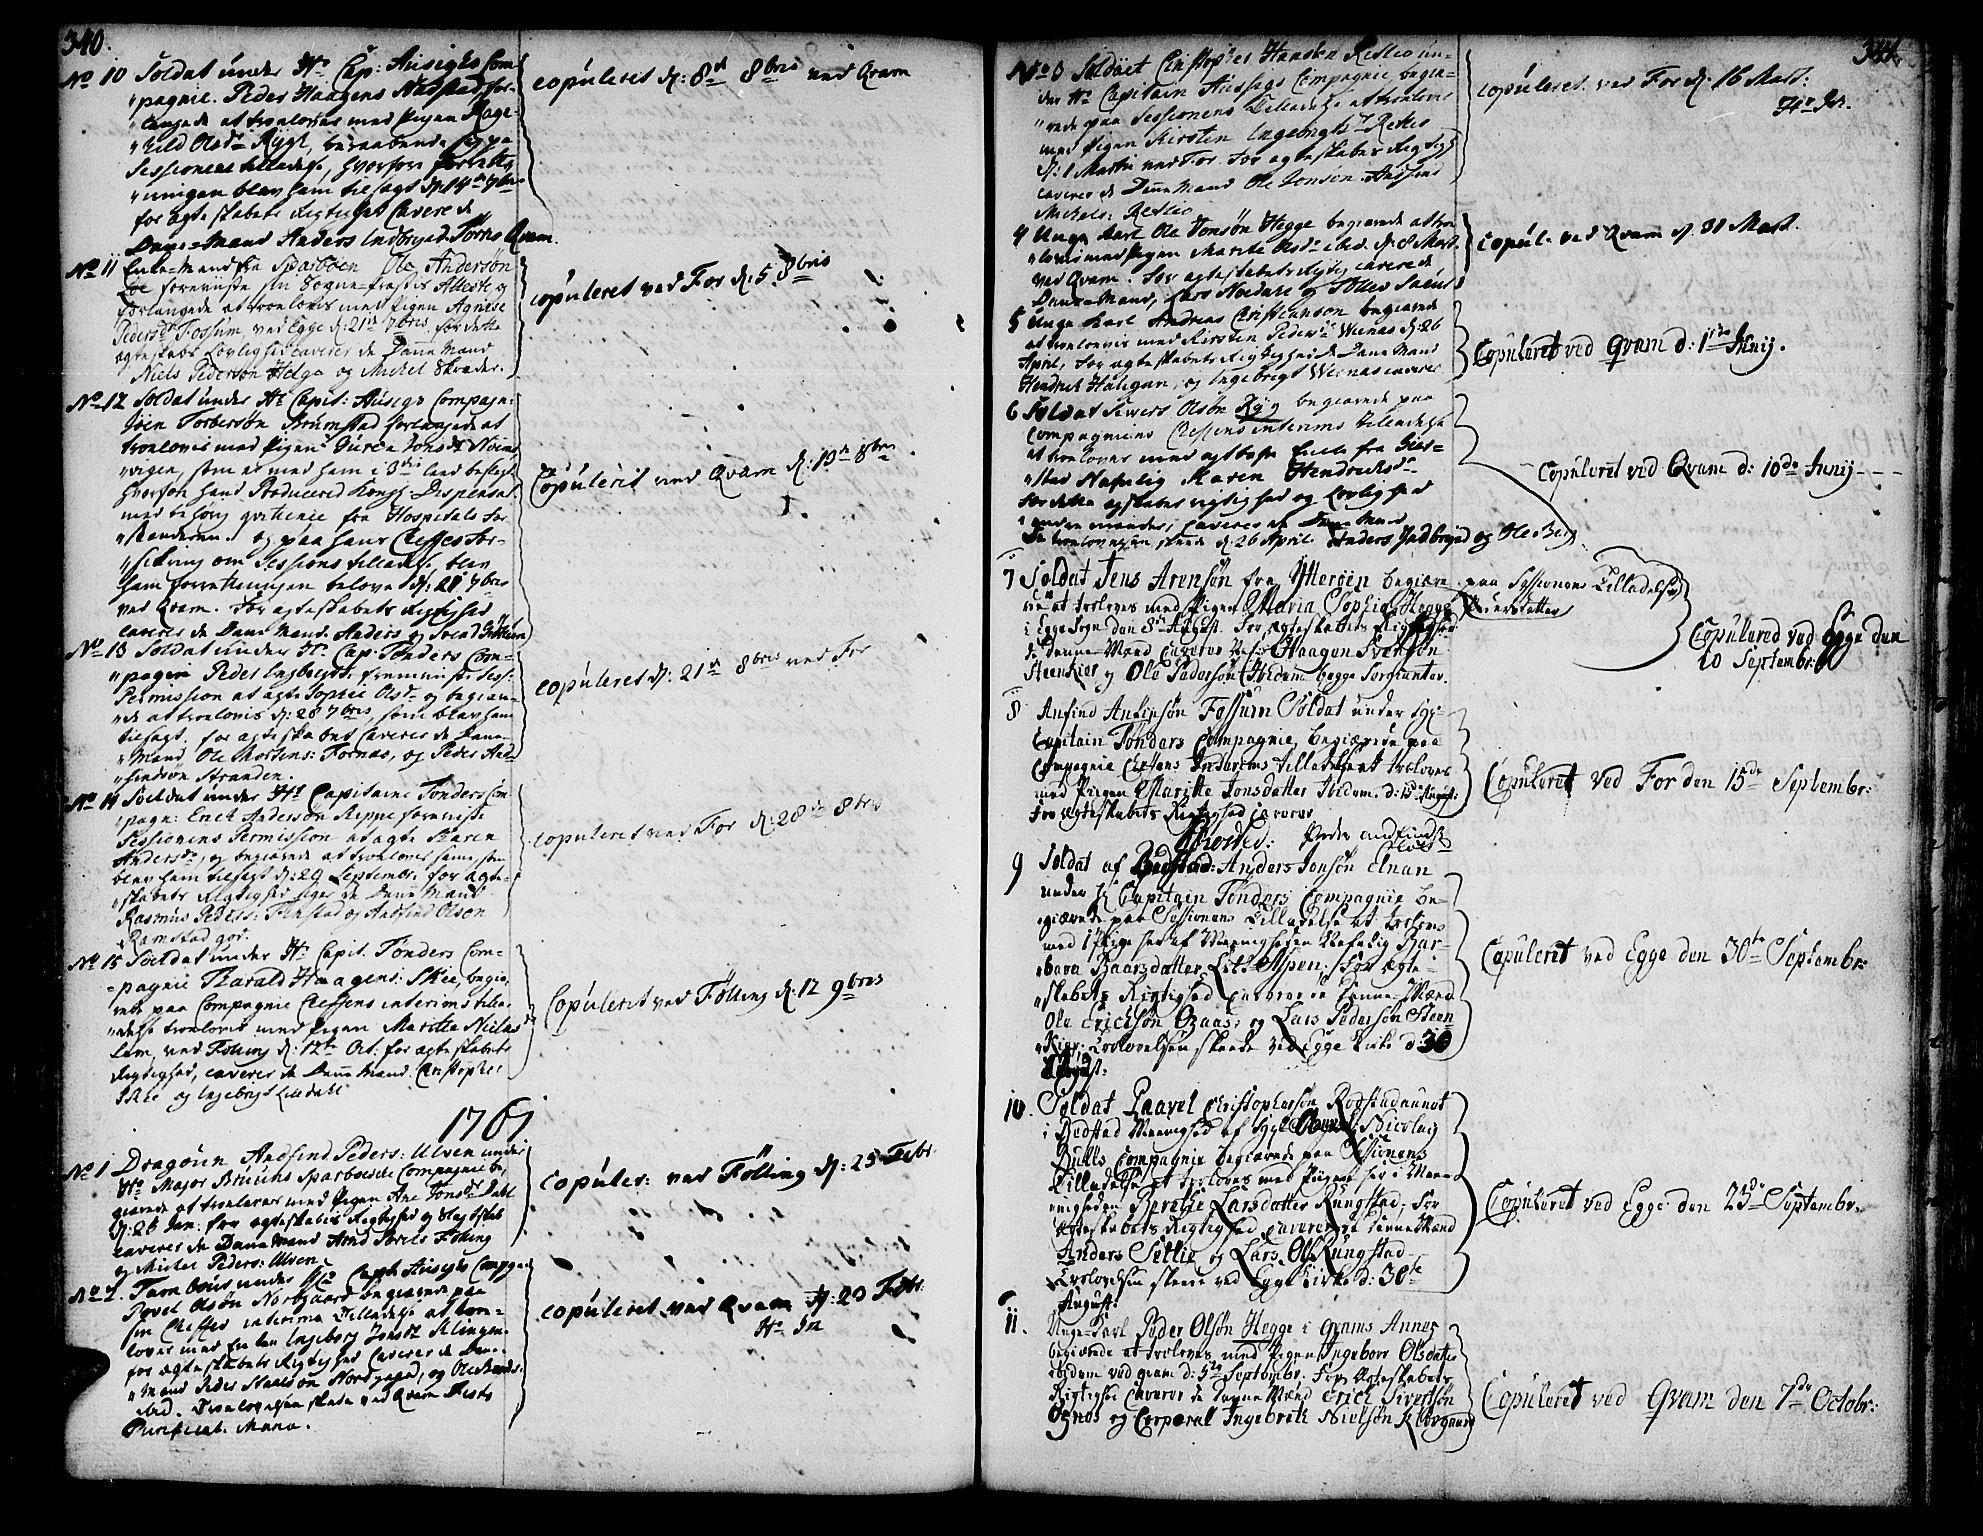 SAT, Ministerialprotokoller, klokkerbøker og fødselsregistre - Nord-Trøndelag, 746/L0440: Ministerialbok nr. 746A02, 1760-1815, s. 340-341